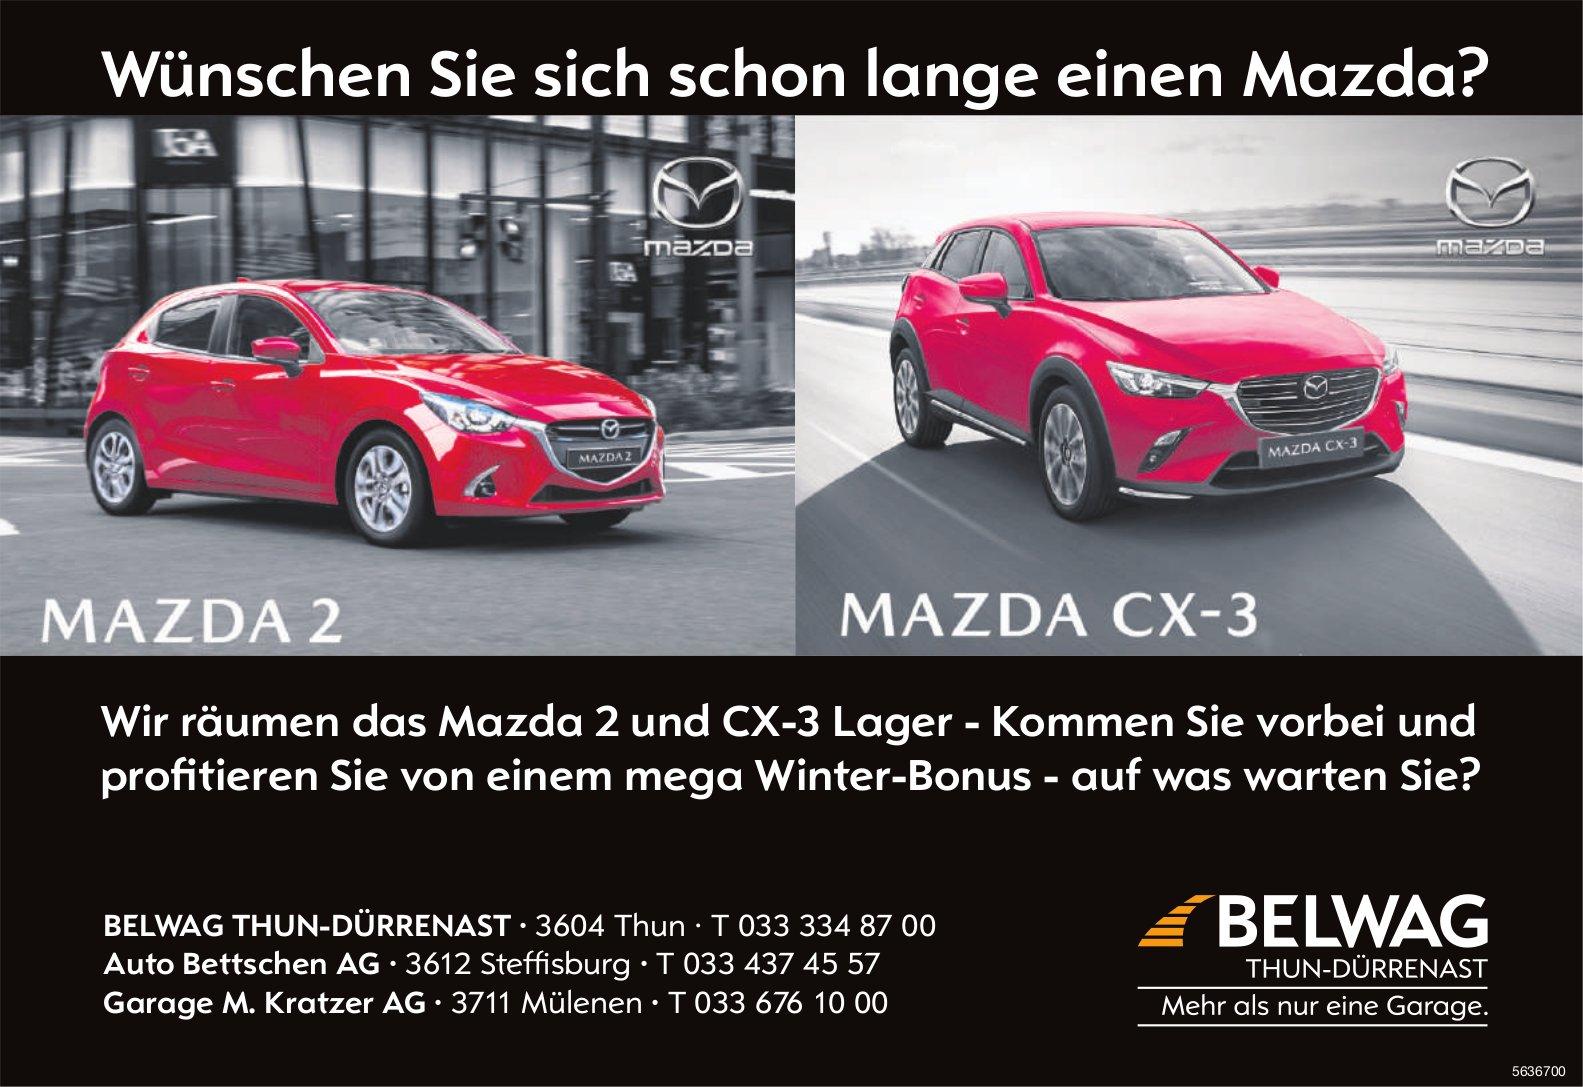 BELWAG THUN-DÜRRENAST, Thun - Wünschen Sie sich schon lange einen Mazda?